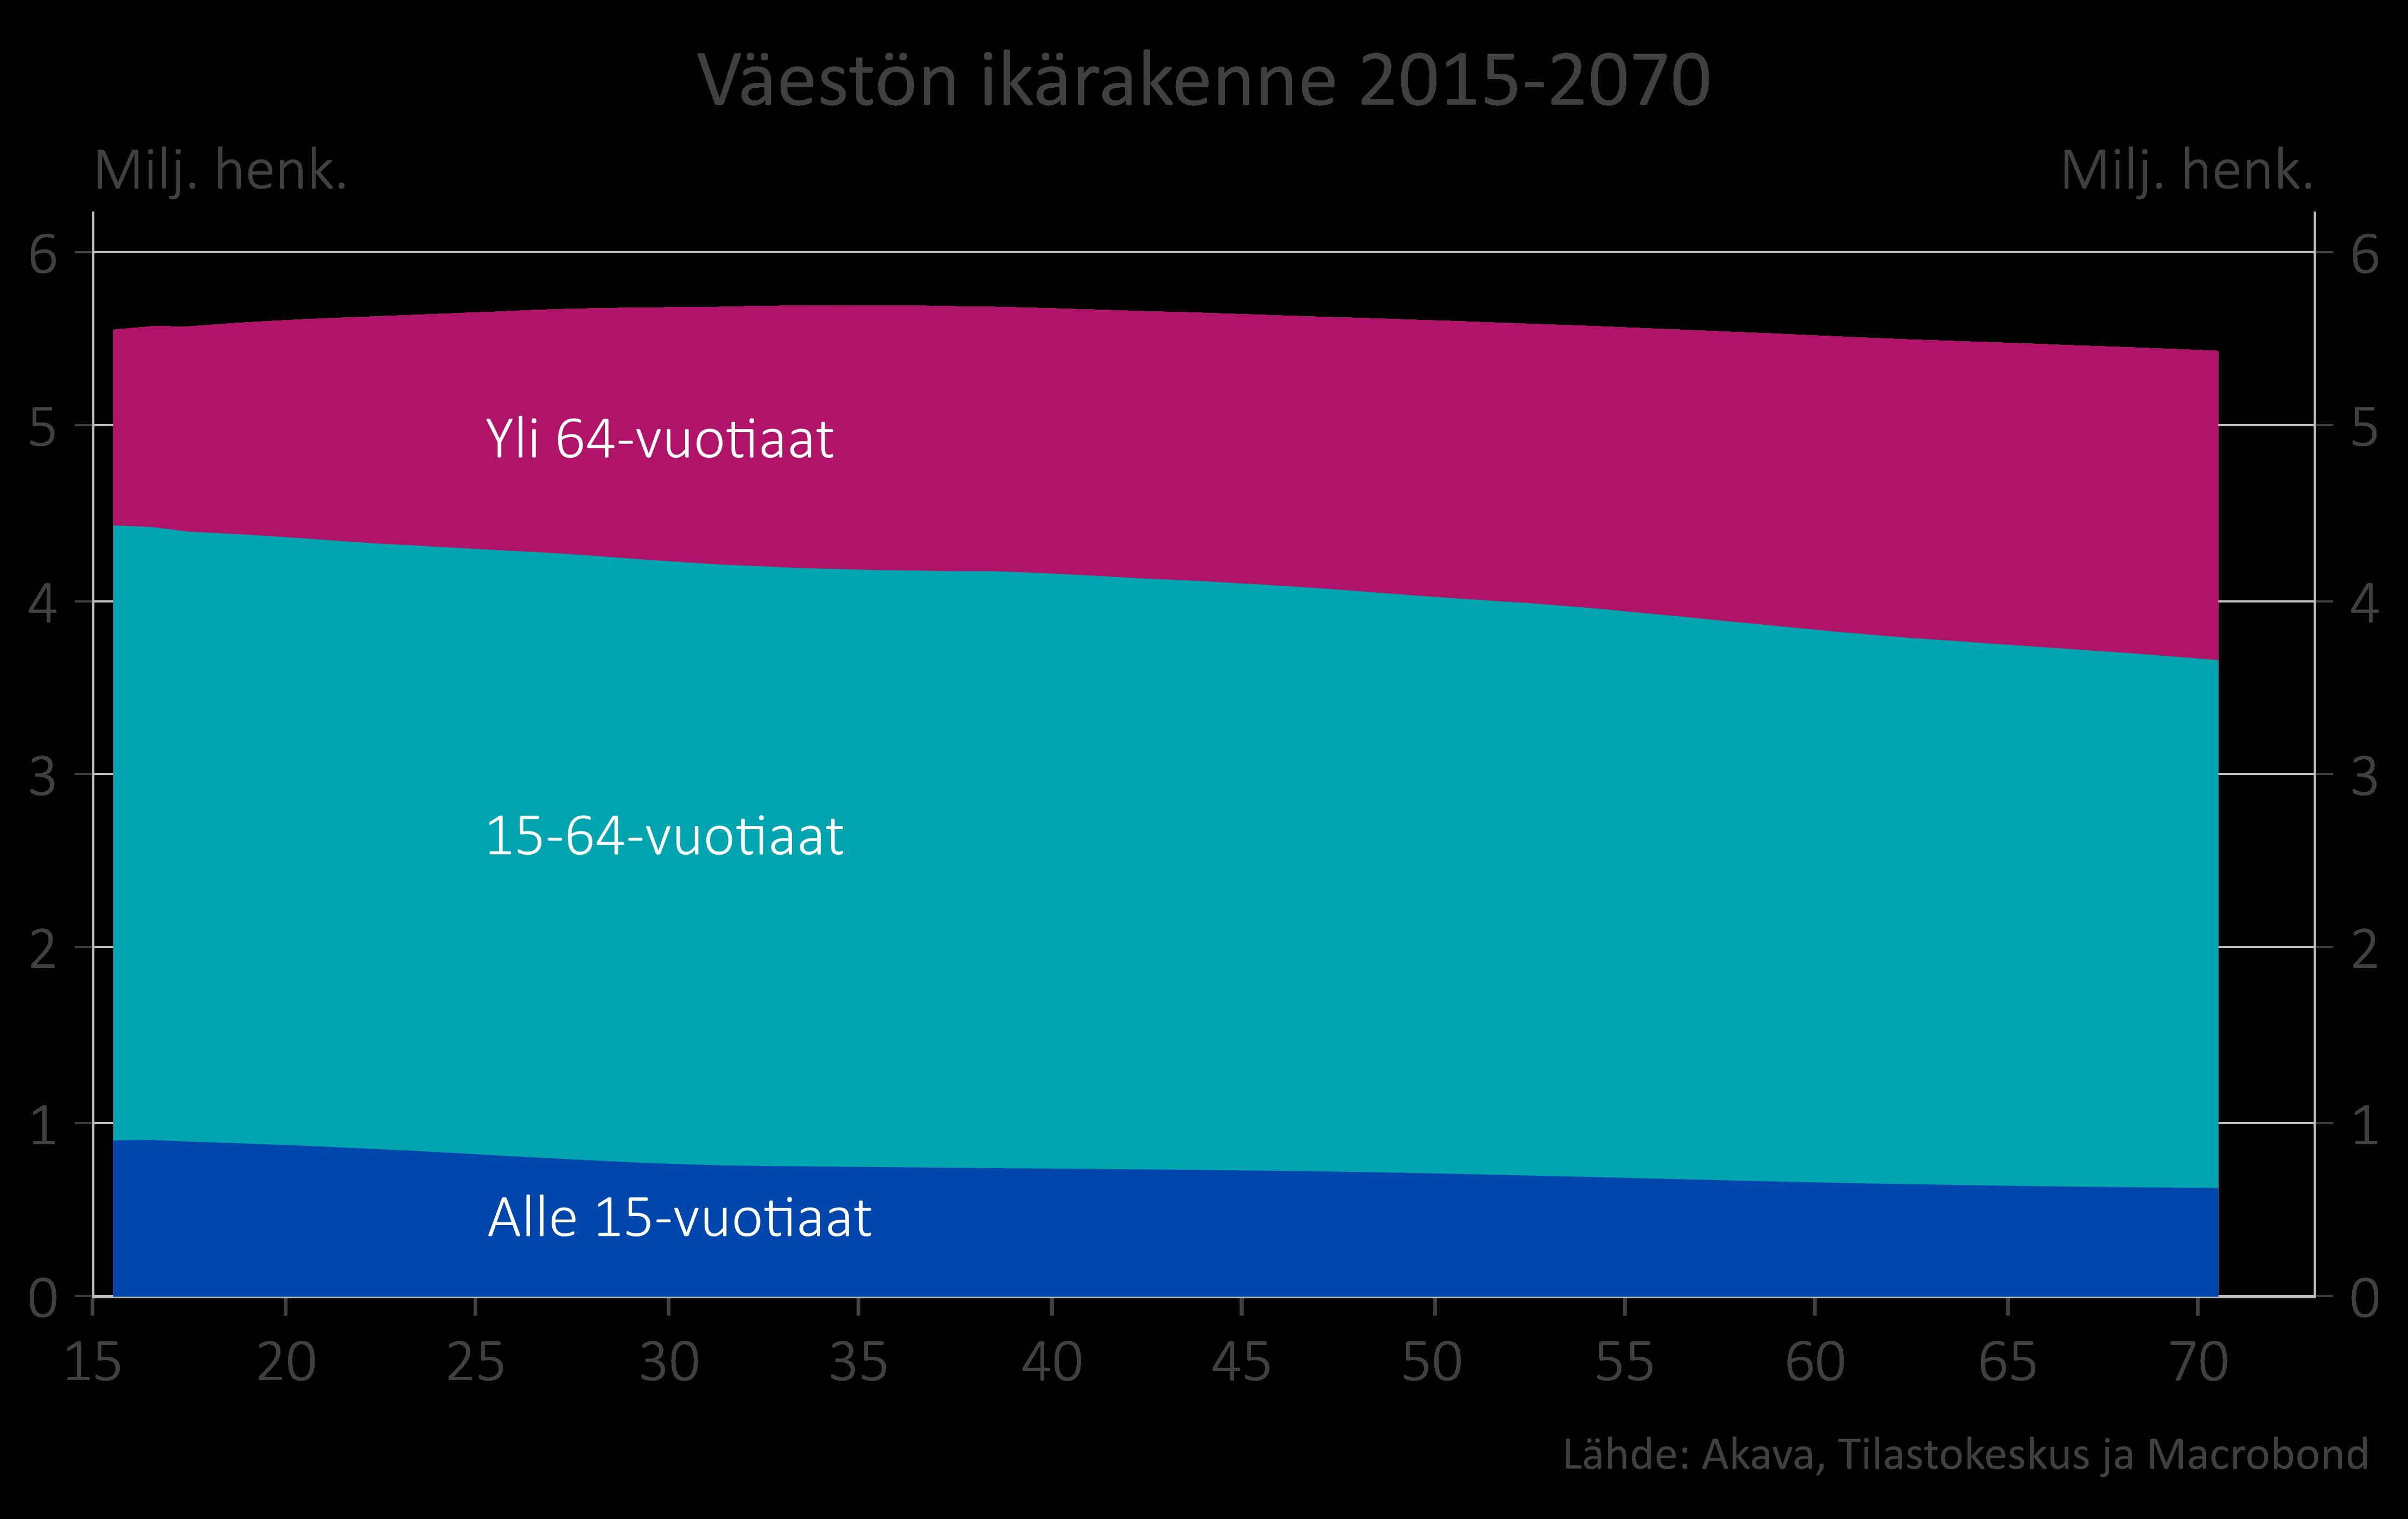 Väestön ikärakenne 2015-2070